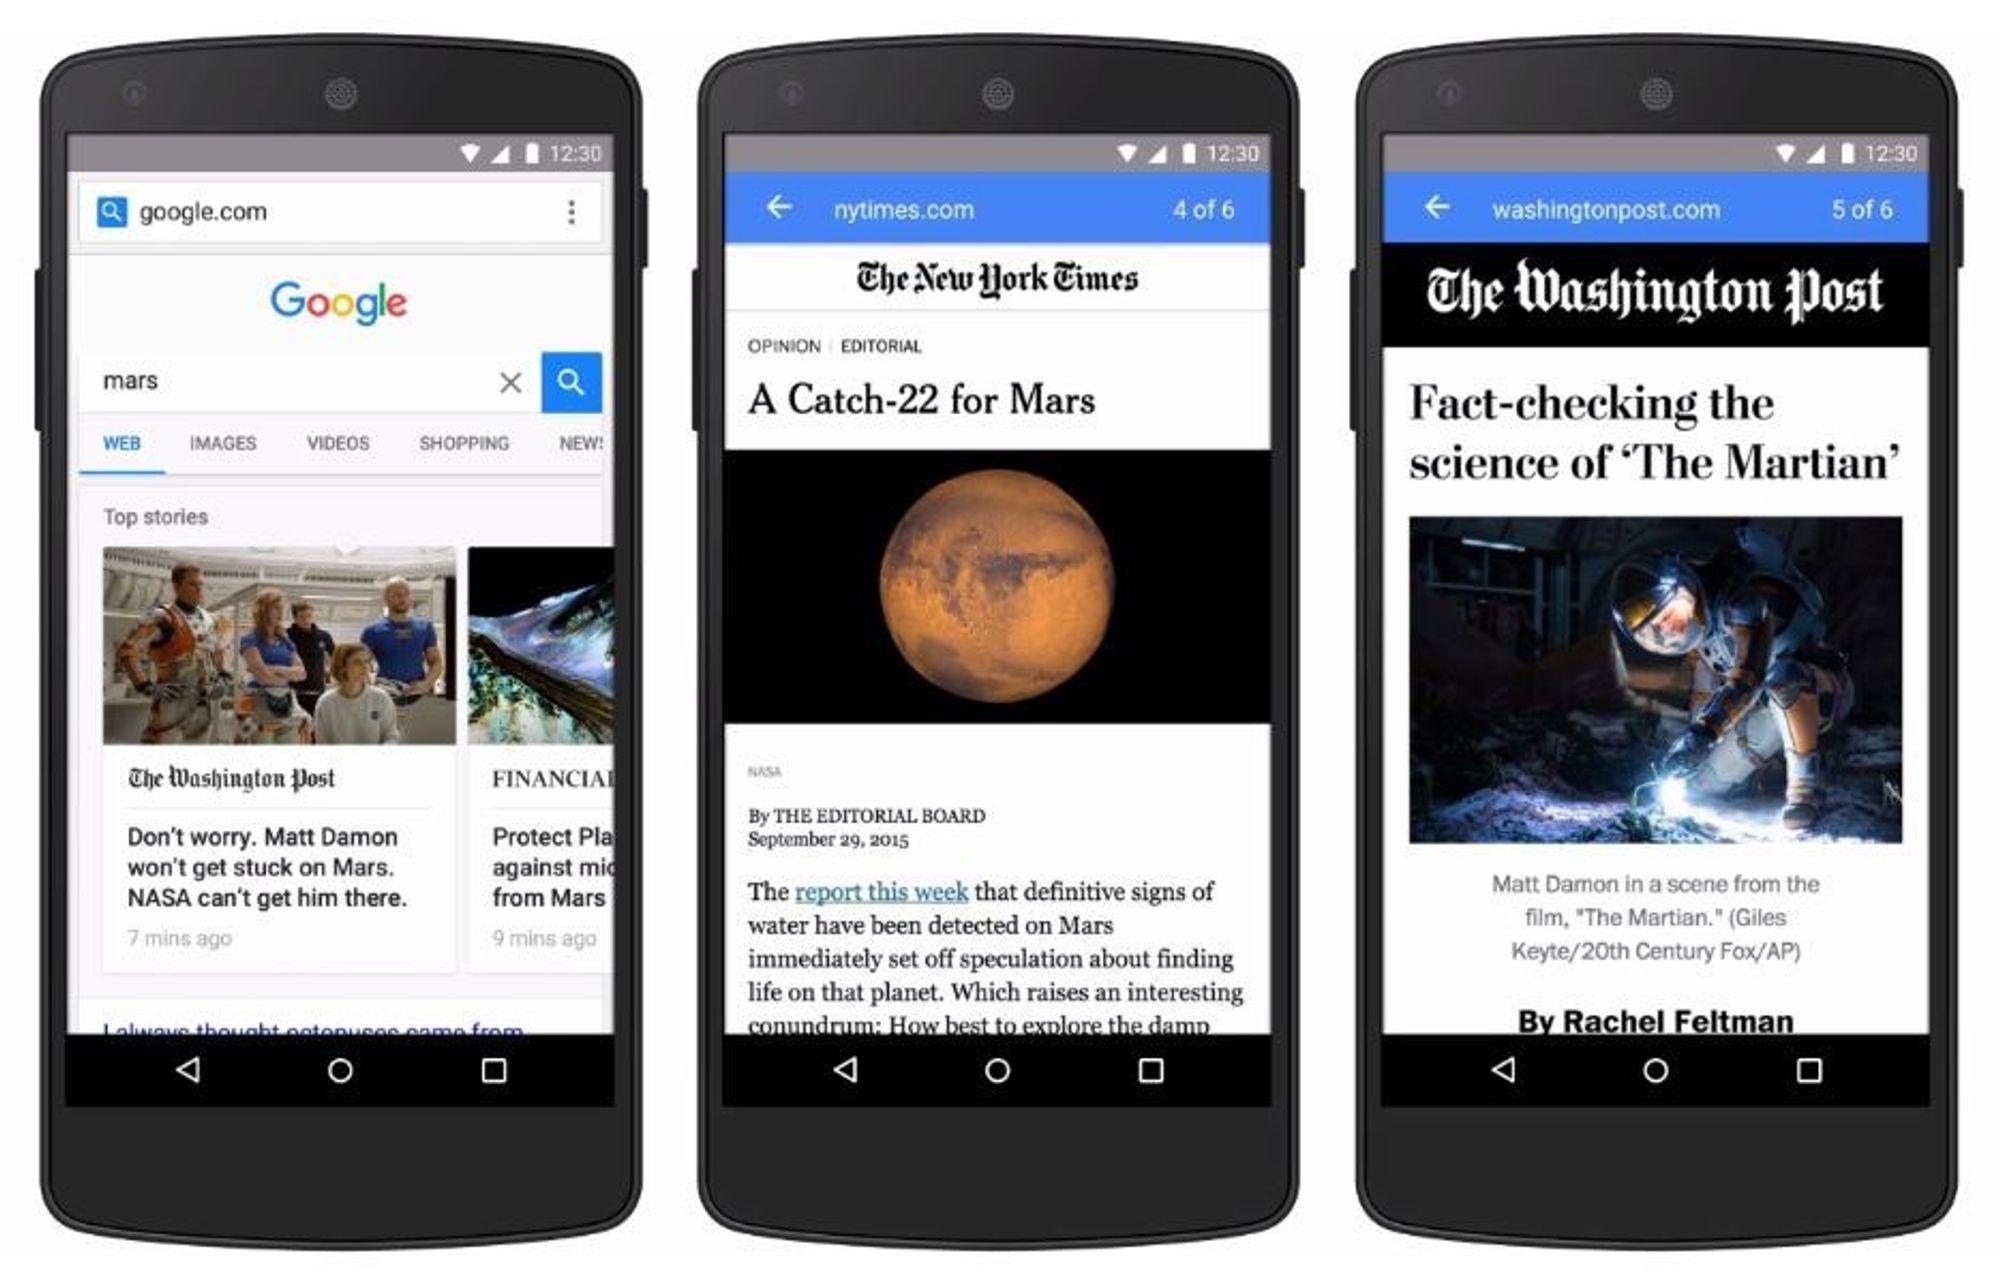 Med et utgangspunkt i at det tar for lang tid å laste inn websider i nettleseren til mobiltelefoner, etablerte Google i fjor sitt Accelerated Mobile Pages-prosjekt (AMP).